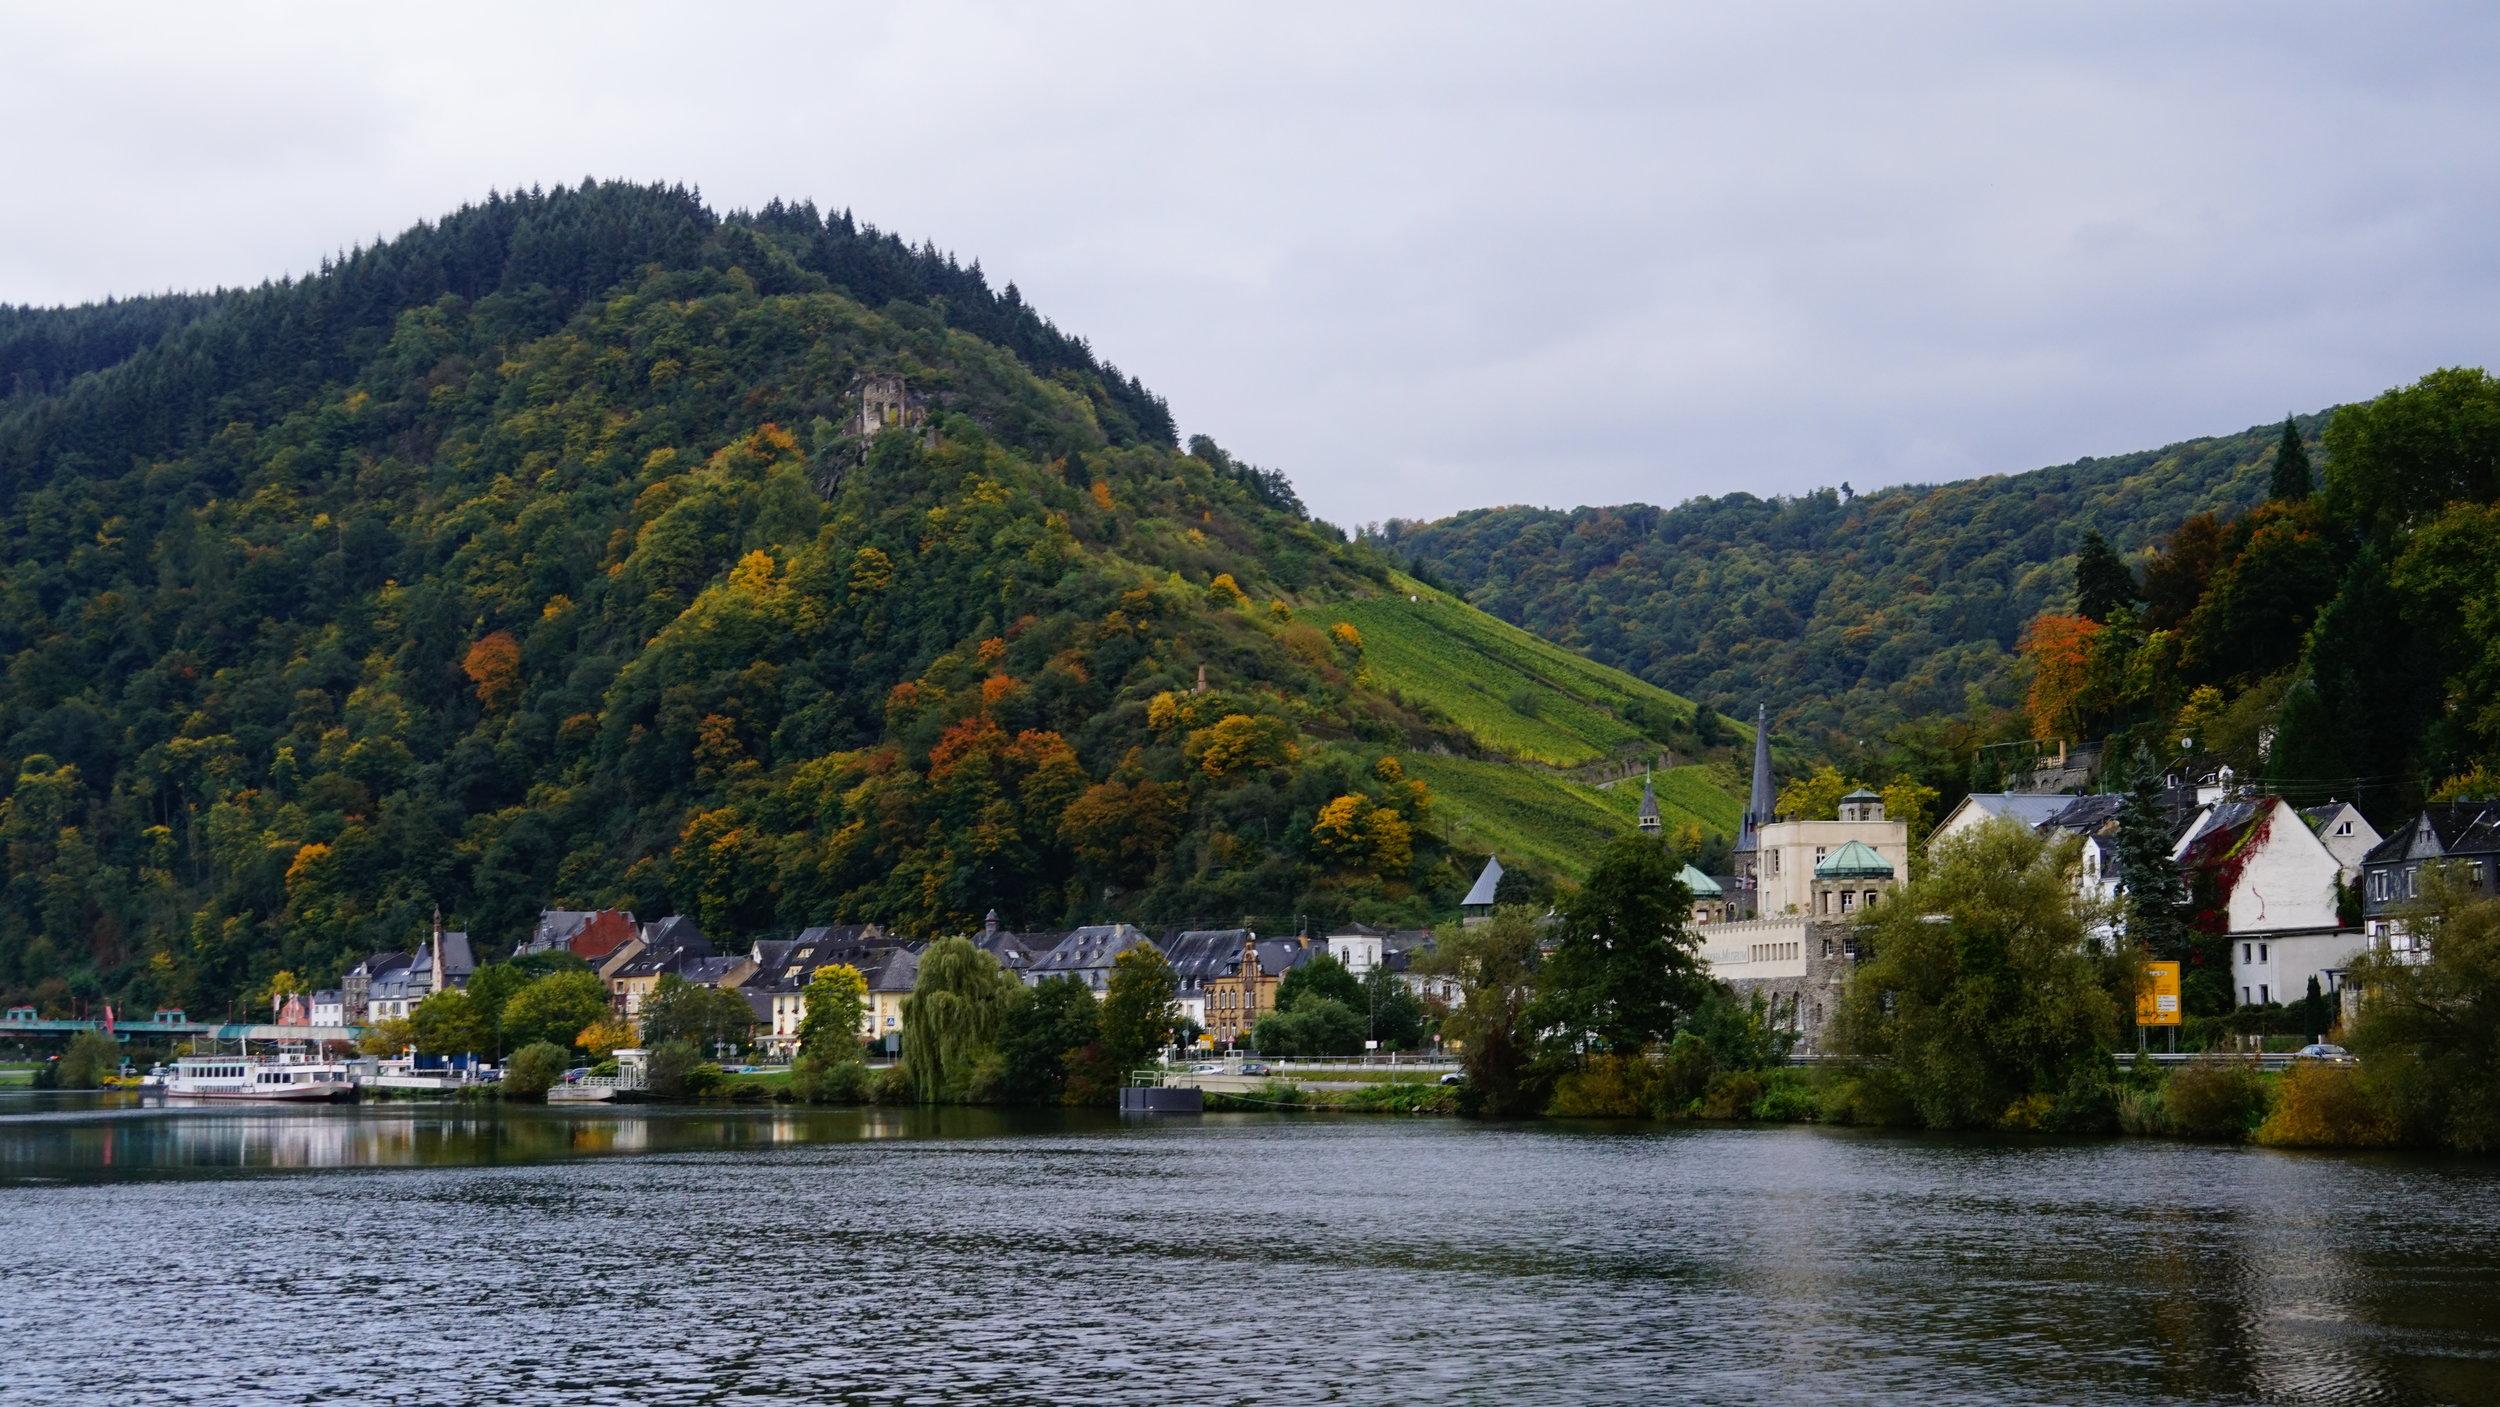 Blick auf die Grevenburg